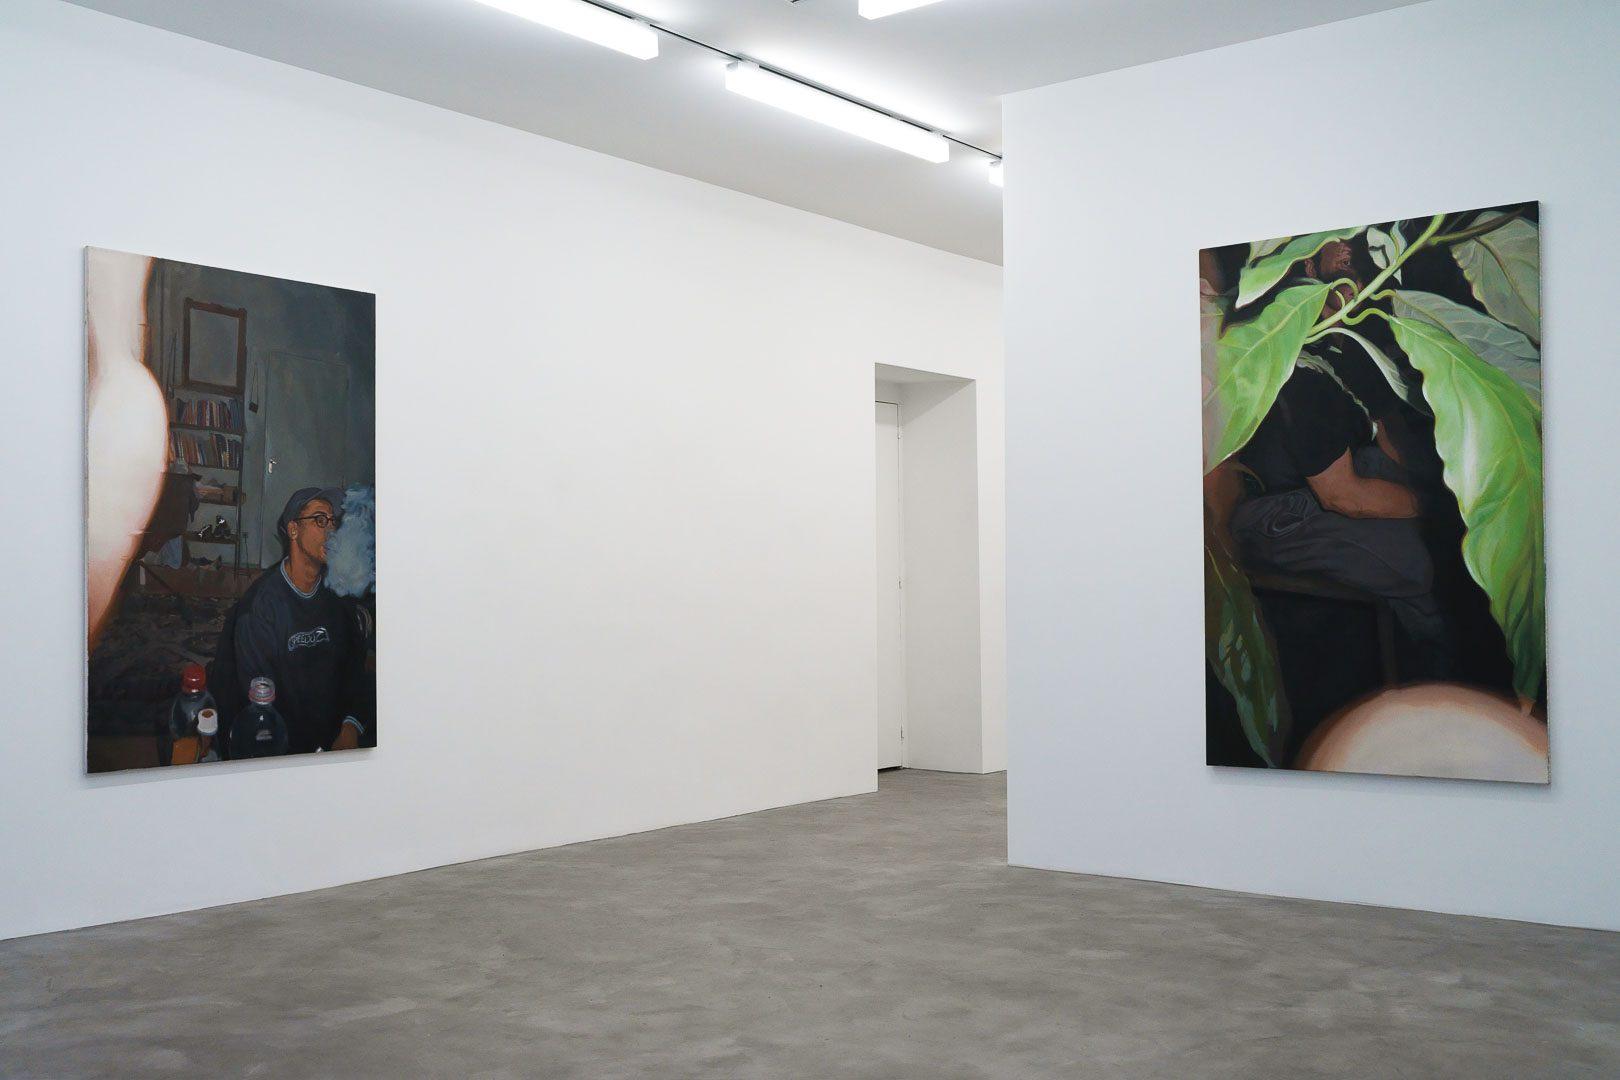 """Vue de l'exposition """"Overexposure"""", GALERIE CHLOE SALGADO I © GALERIE CHLOE SALGADO et Julian Simon"""